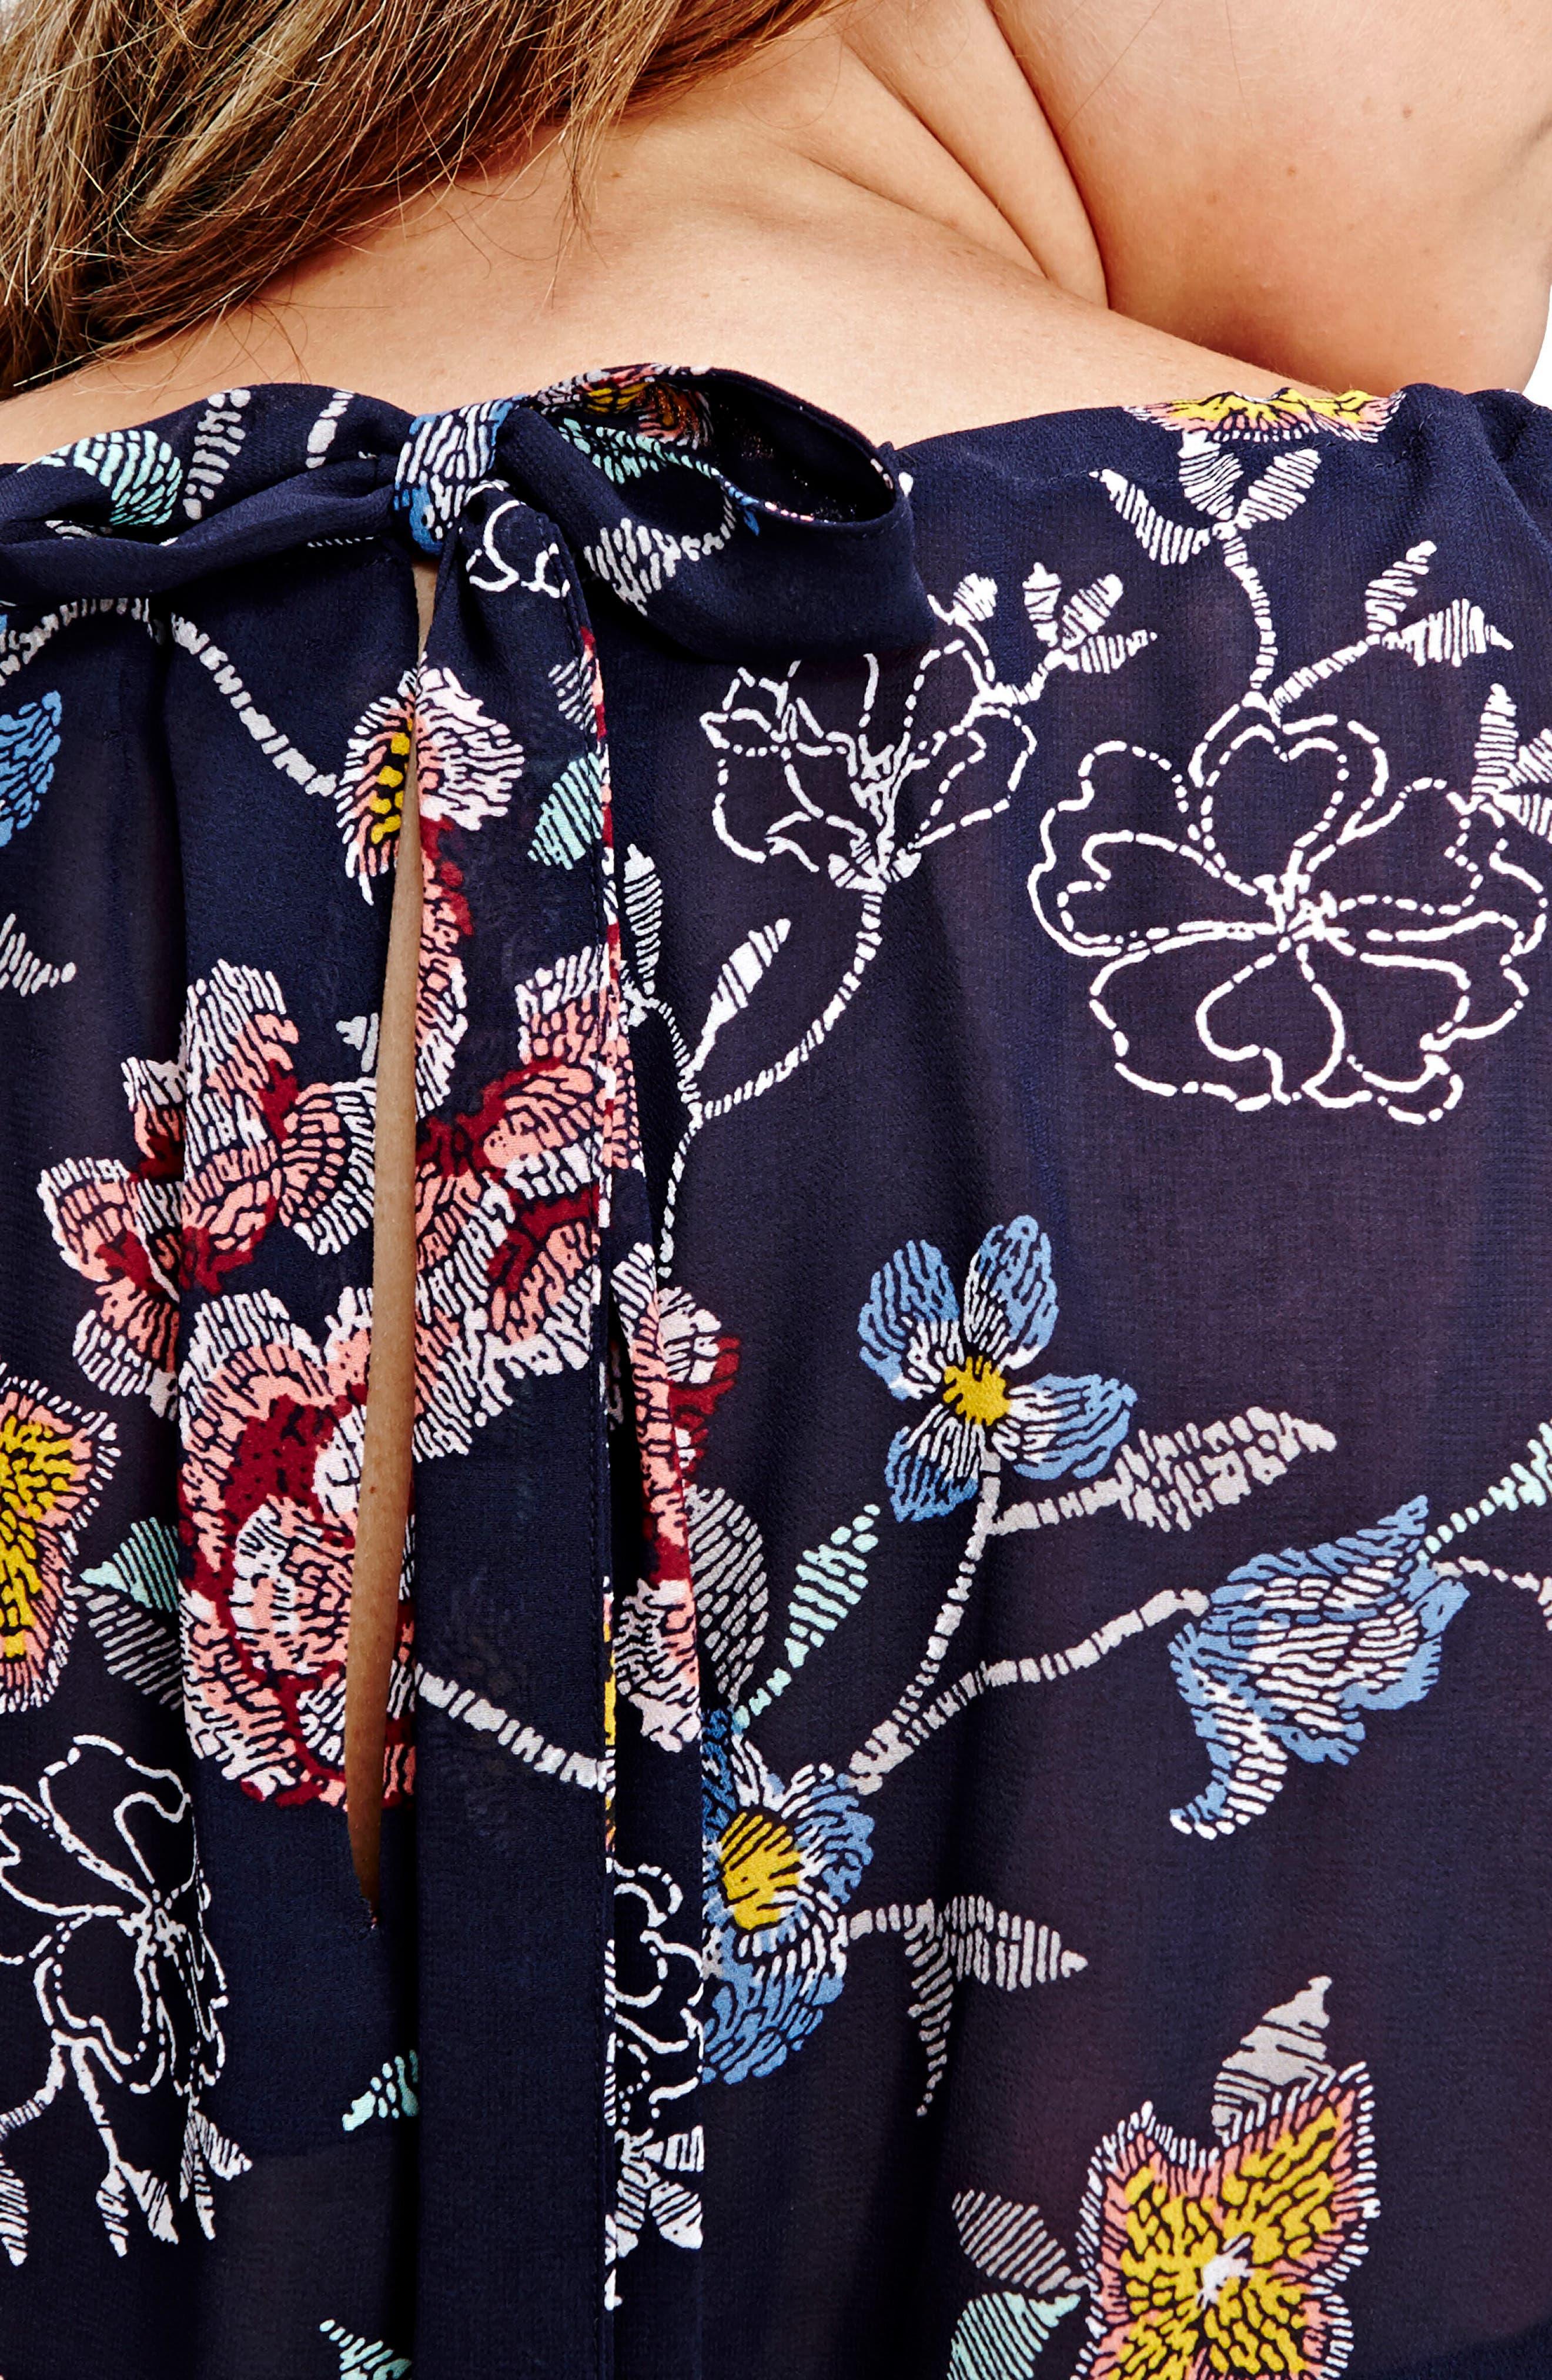 Cold Shoulder Floral Blouse,                             Alternate thumbnail 3, color,                             Eclipse Floral